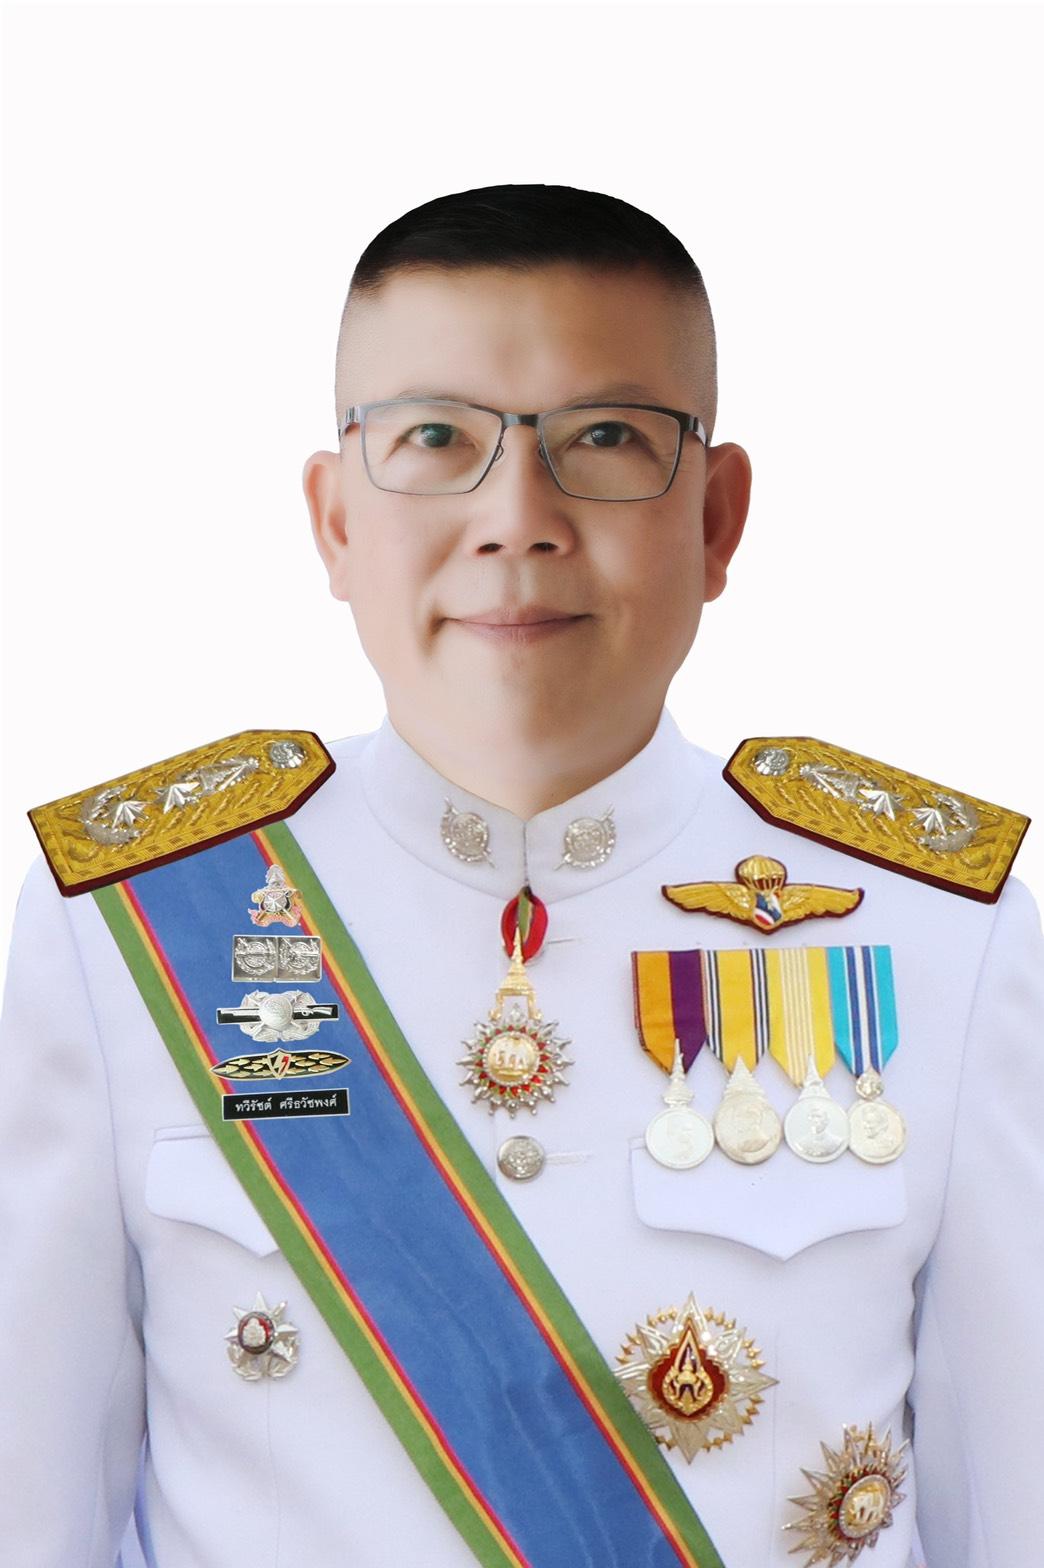 พล.ต.ต.ทวีรัชต์ ศรีธวัชพงศ์ ผู้บังคับการตำรวจสันติบาล ๔